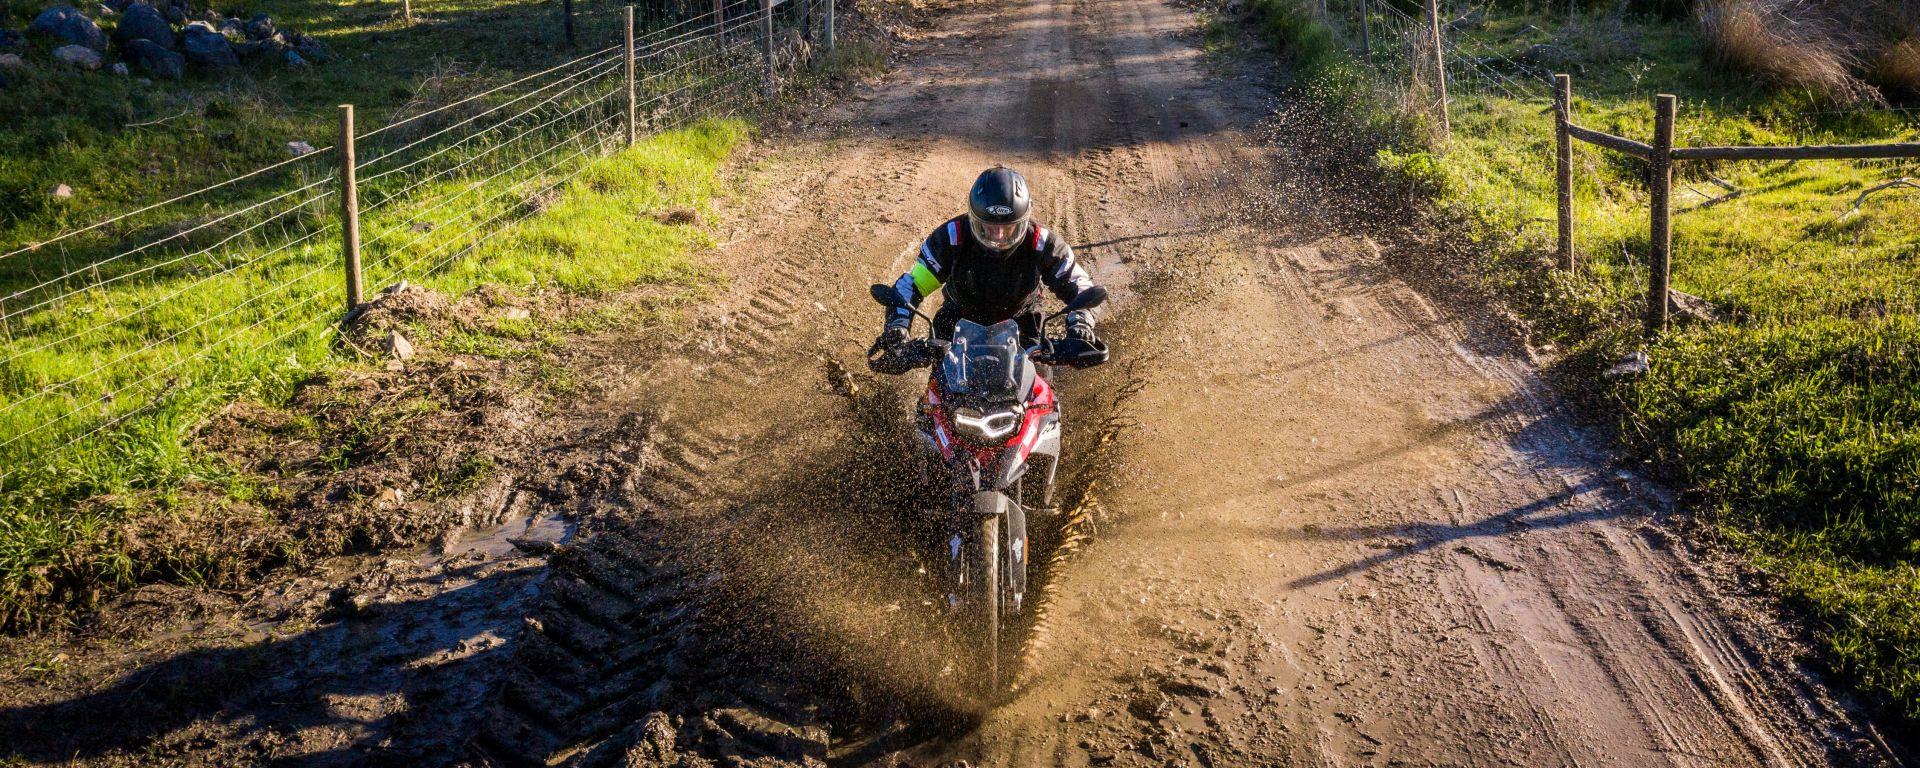 Michelin Anakee Adventure: le opinioni dopo la prova